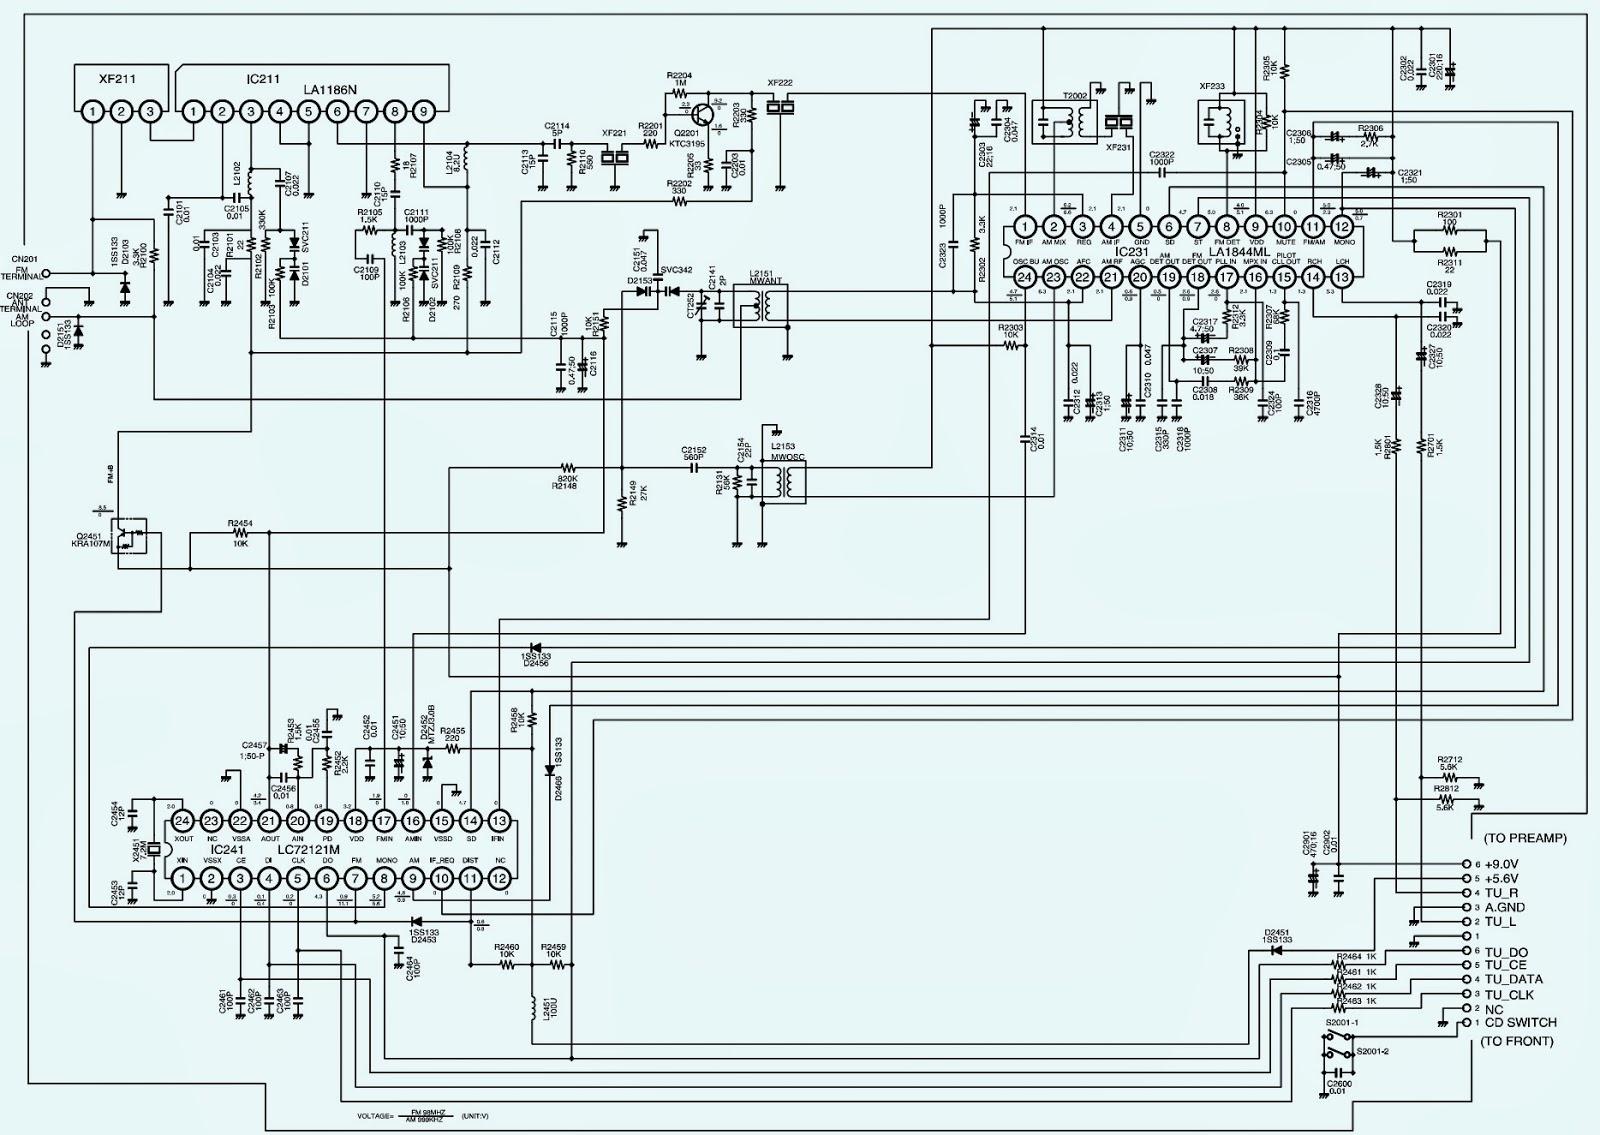 Fabulous Sanyo Golf Cart Wiring Diagram Wiring Diagram Wiring Digital Resources Anistprontobusorg